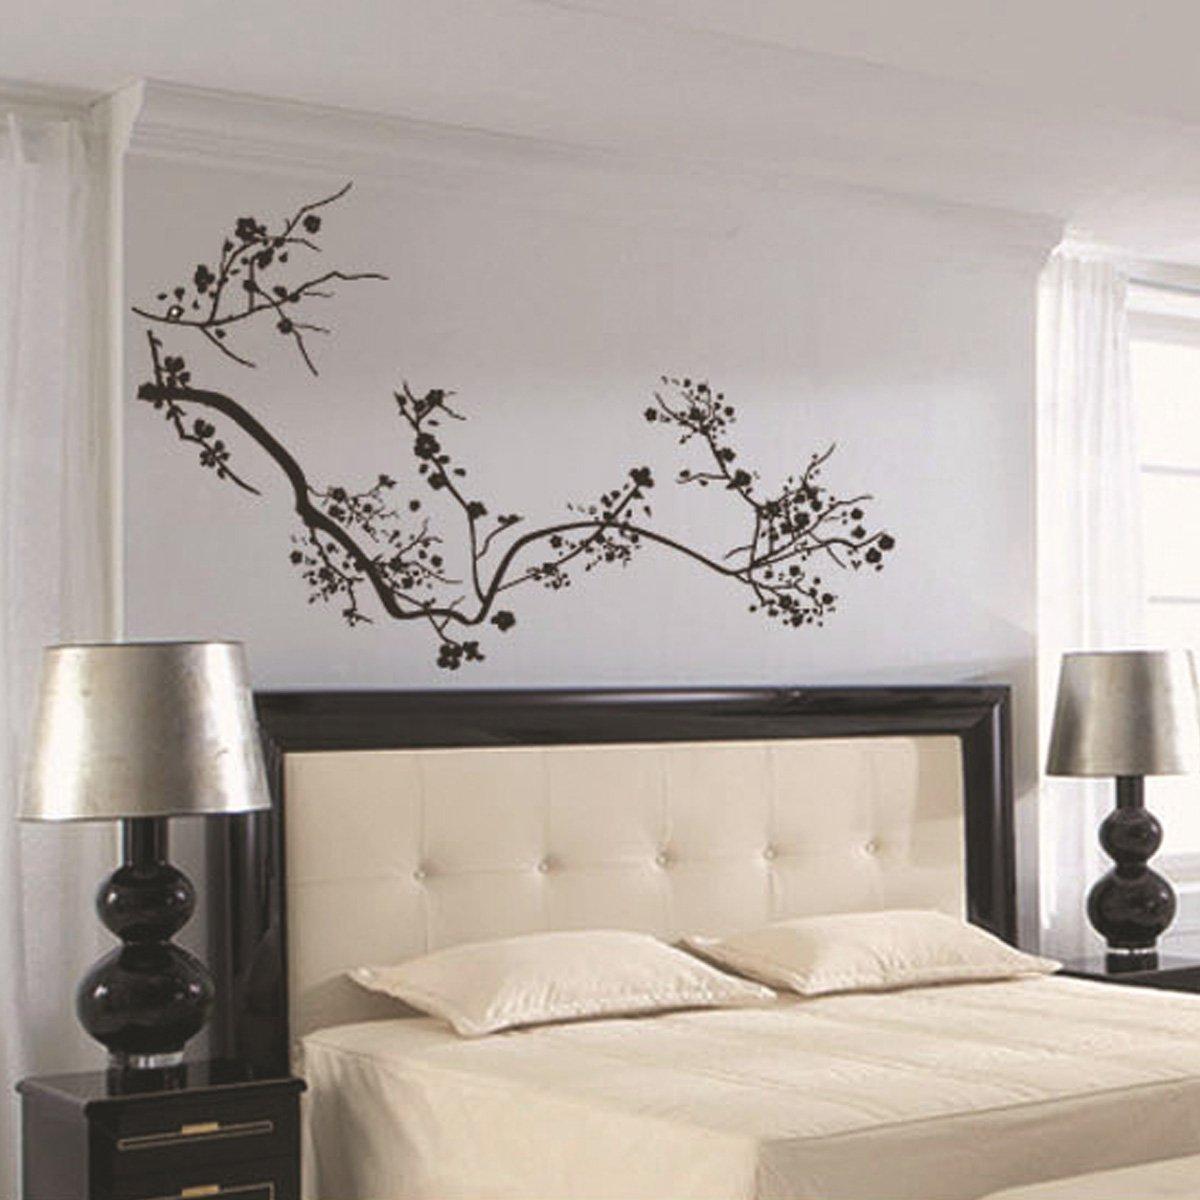 Yesurprise vinilo decorativo para sal n y dormitorio - Pegar vinilo en pared ...